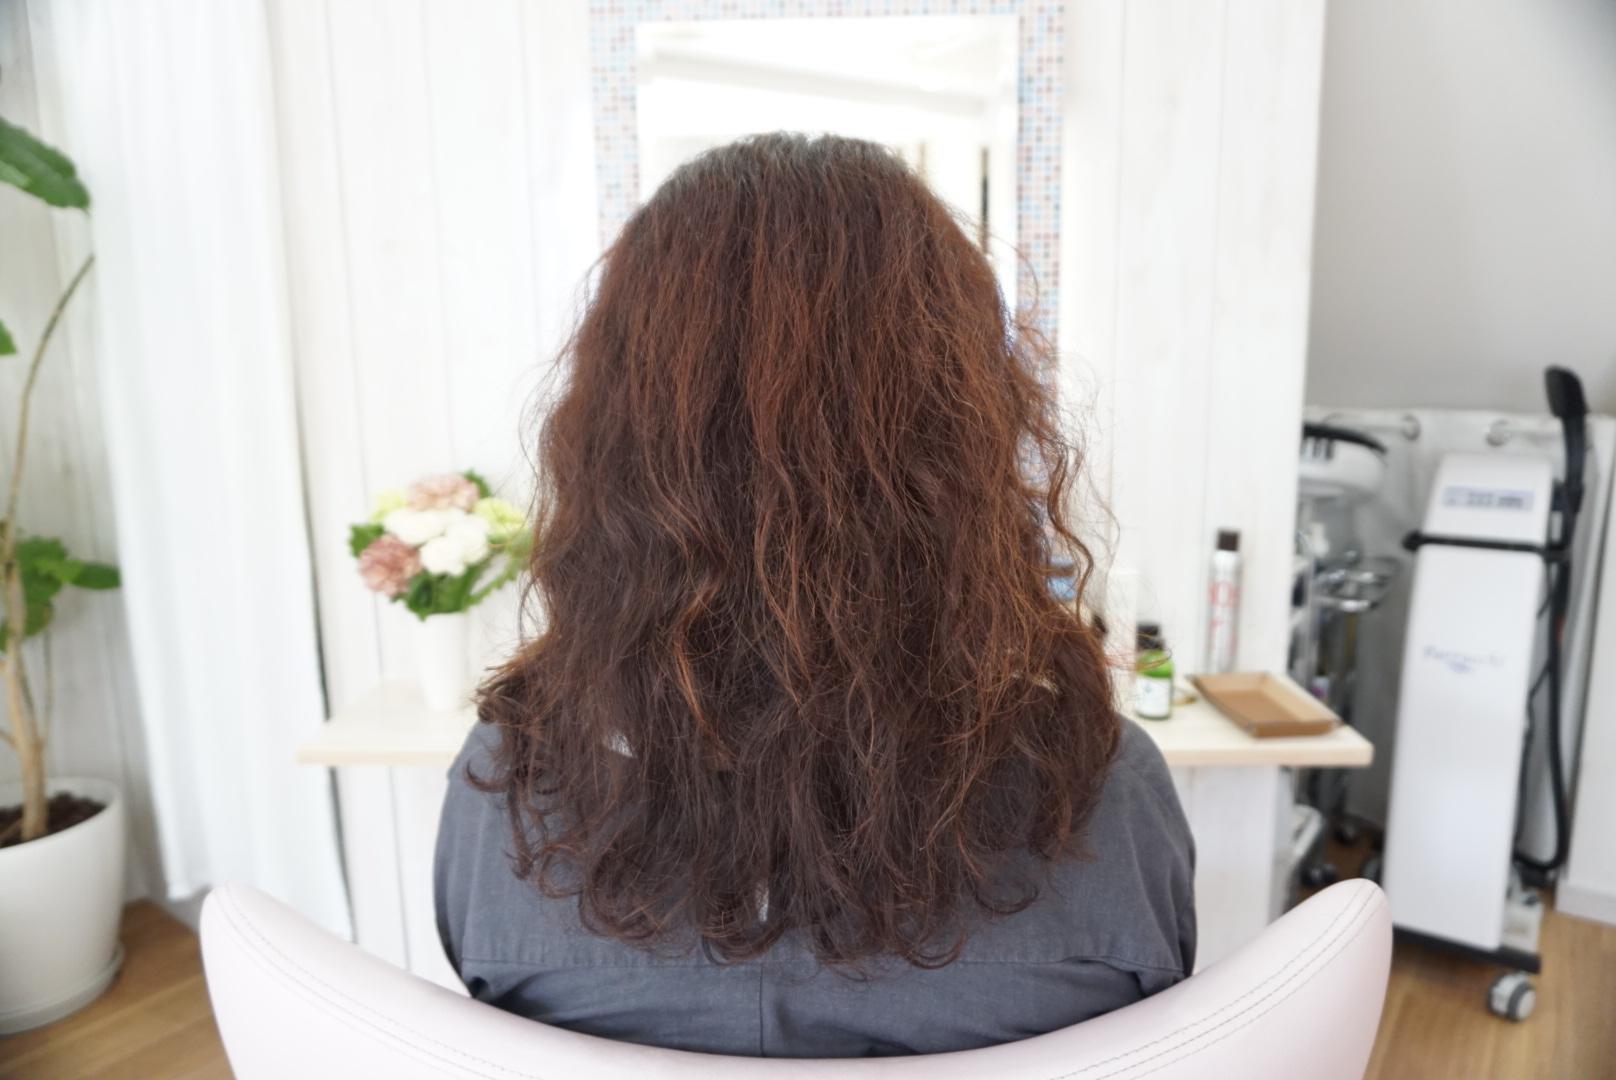 女性の髪の毛